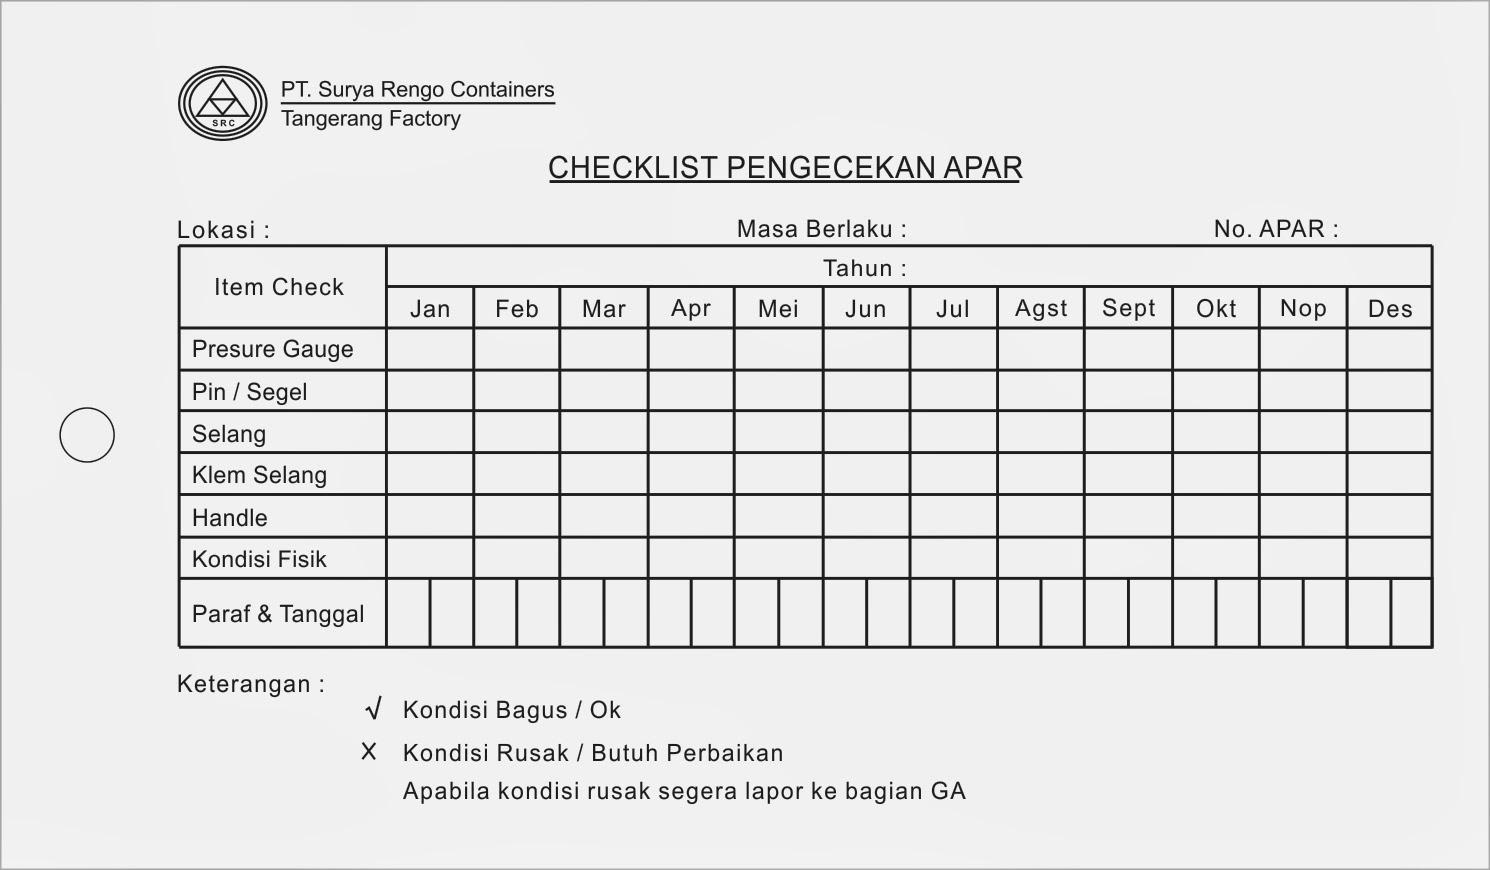 Cetak Form Checklist Apar Images